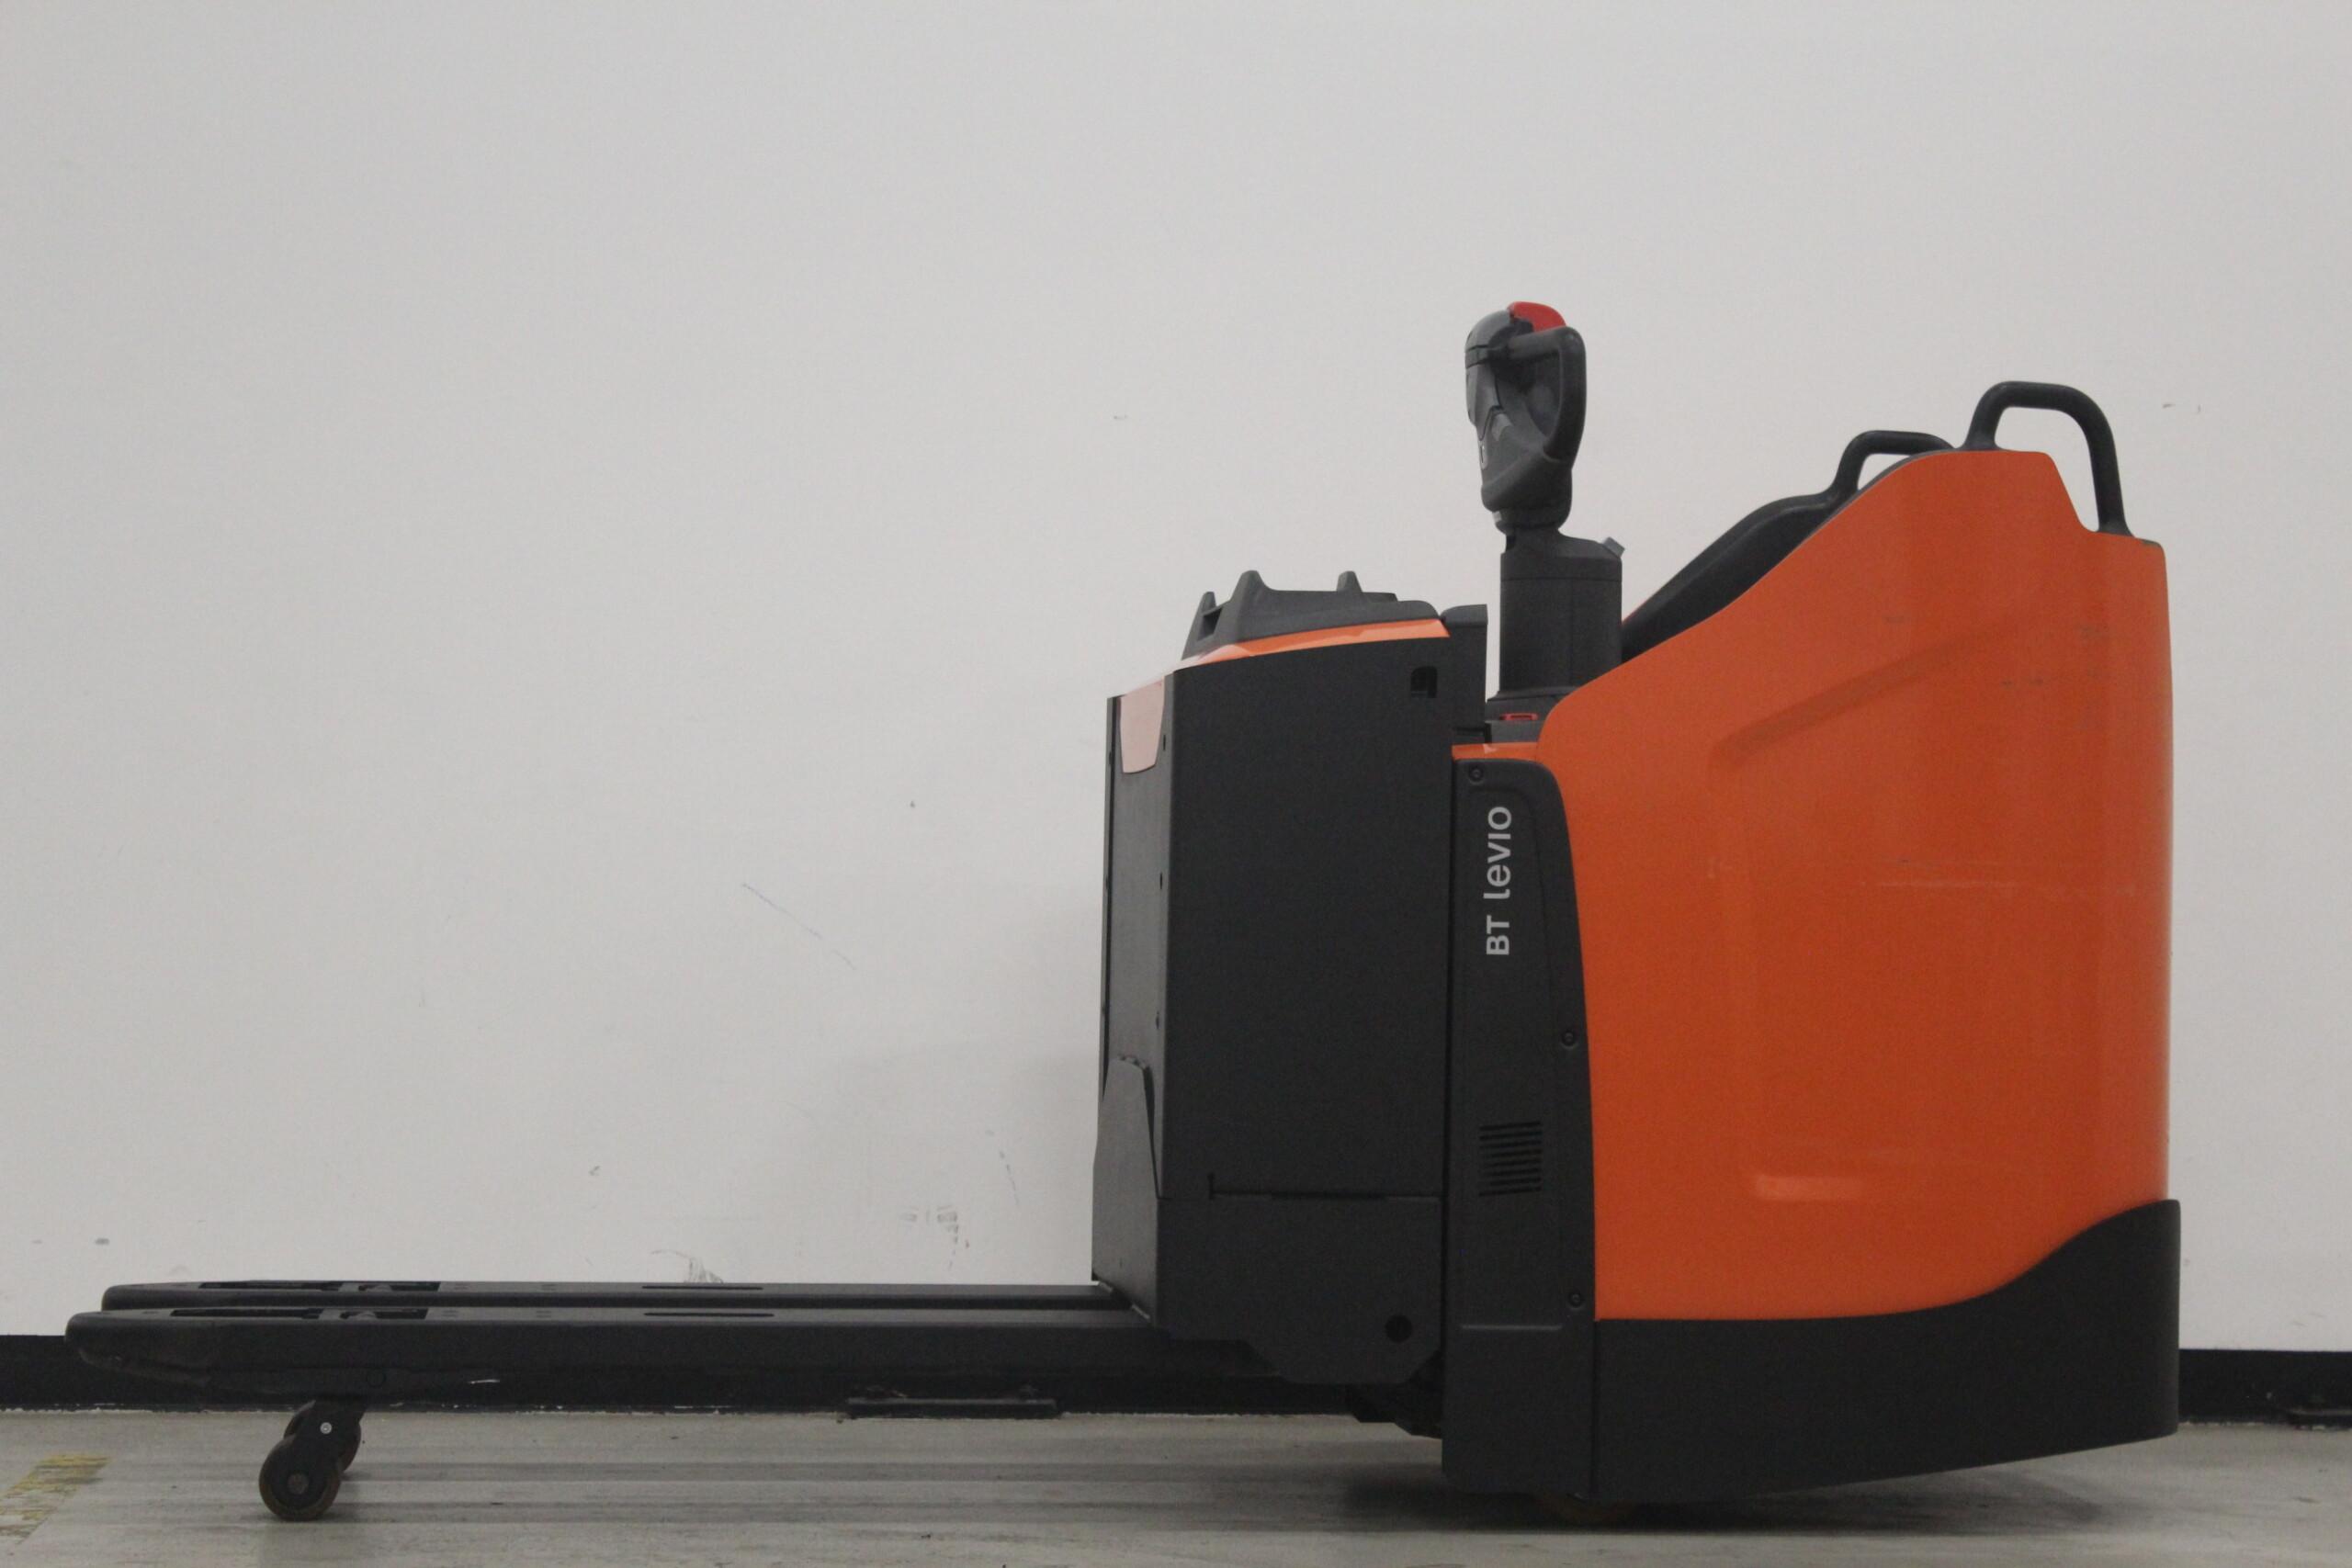 Toyota-Gabelstapler-59840 2001025085 1 6 scaled